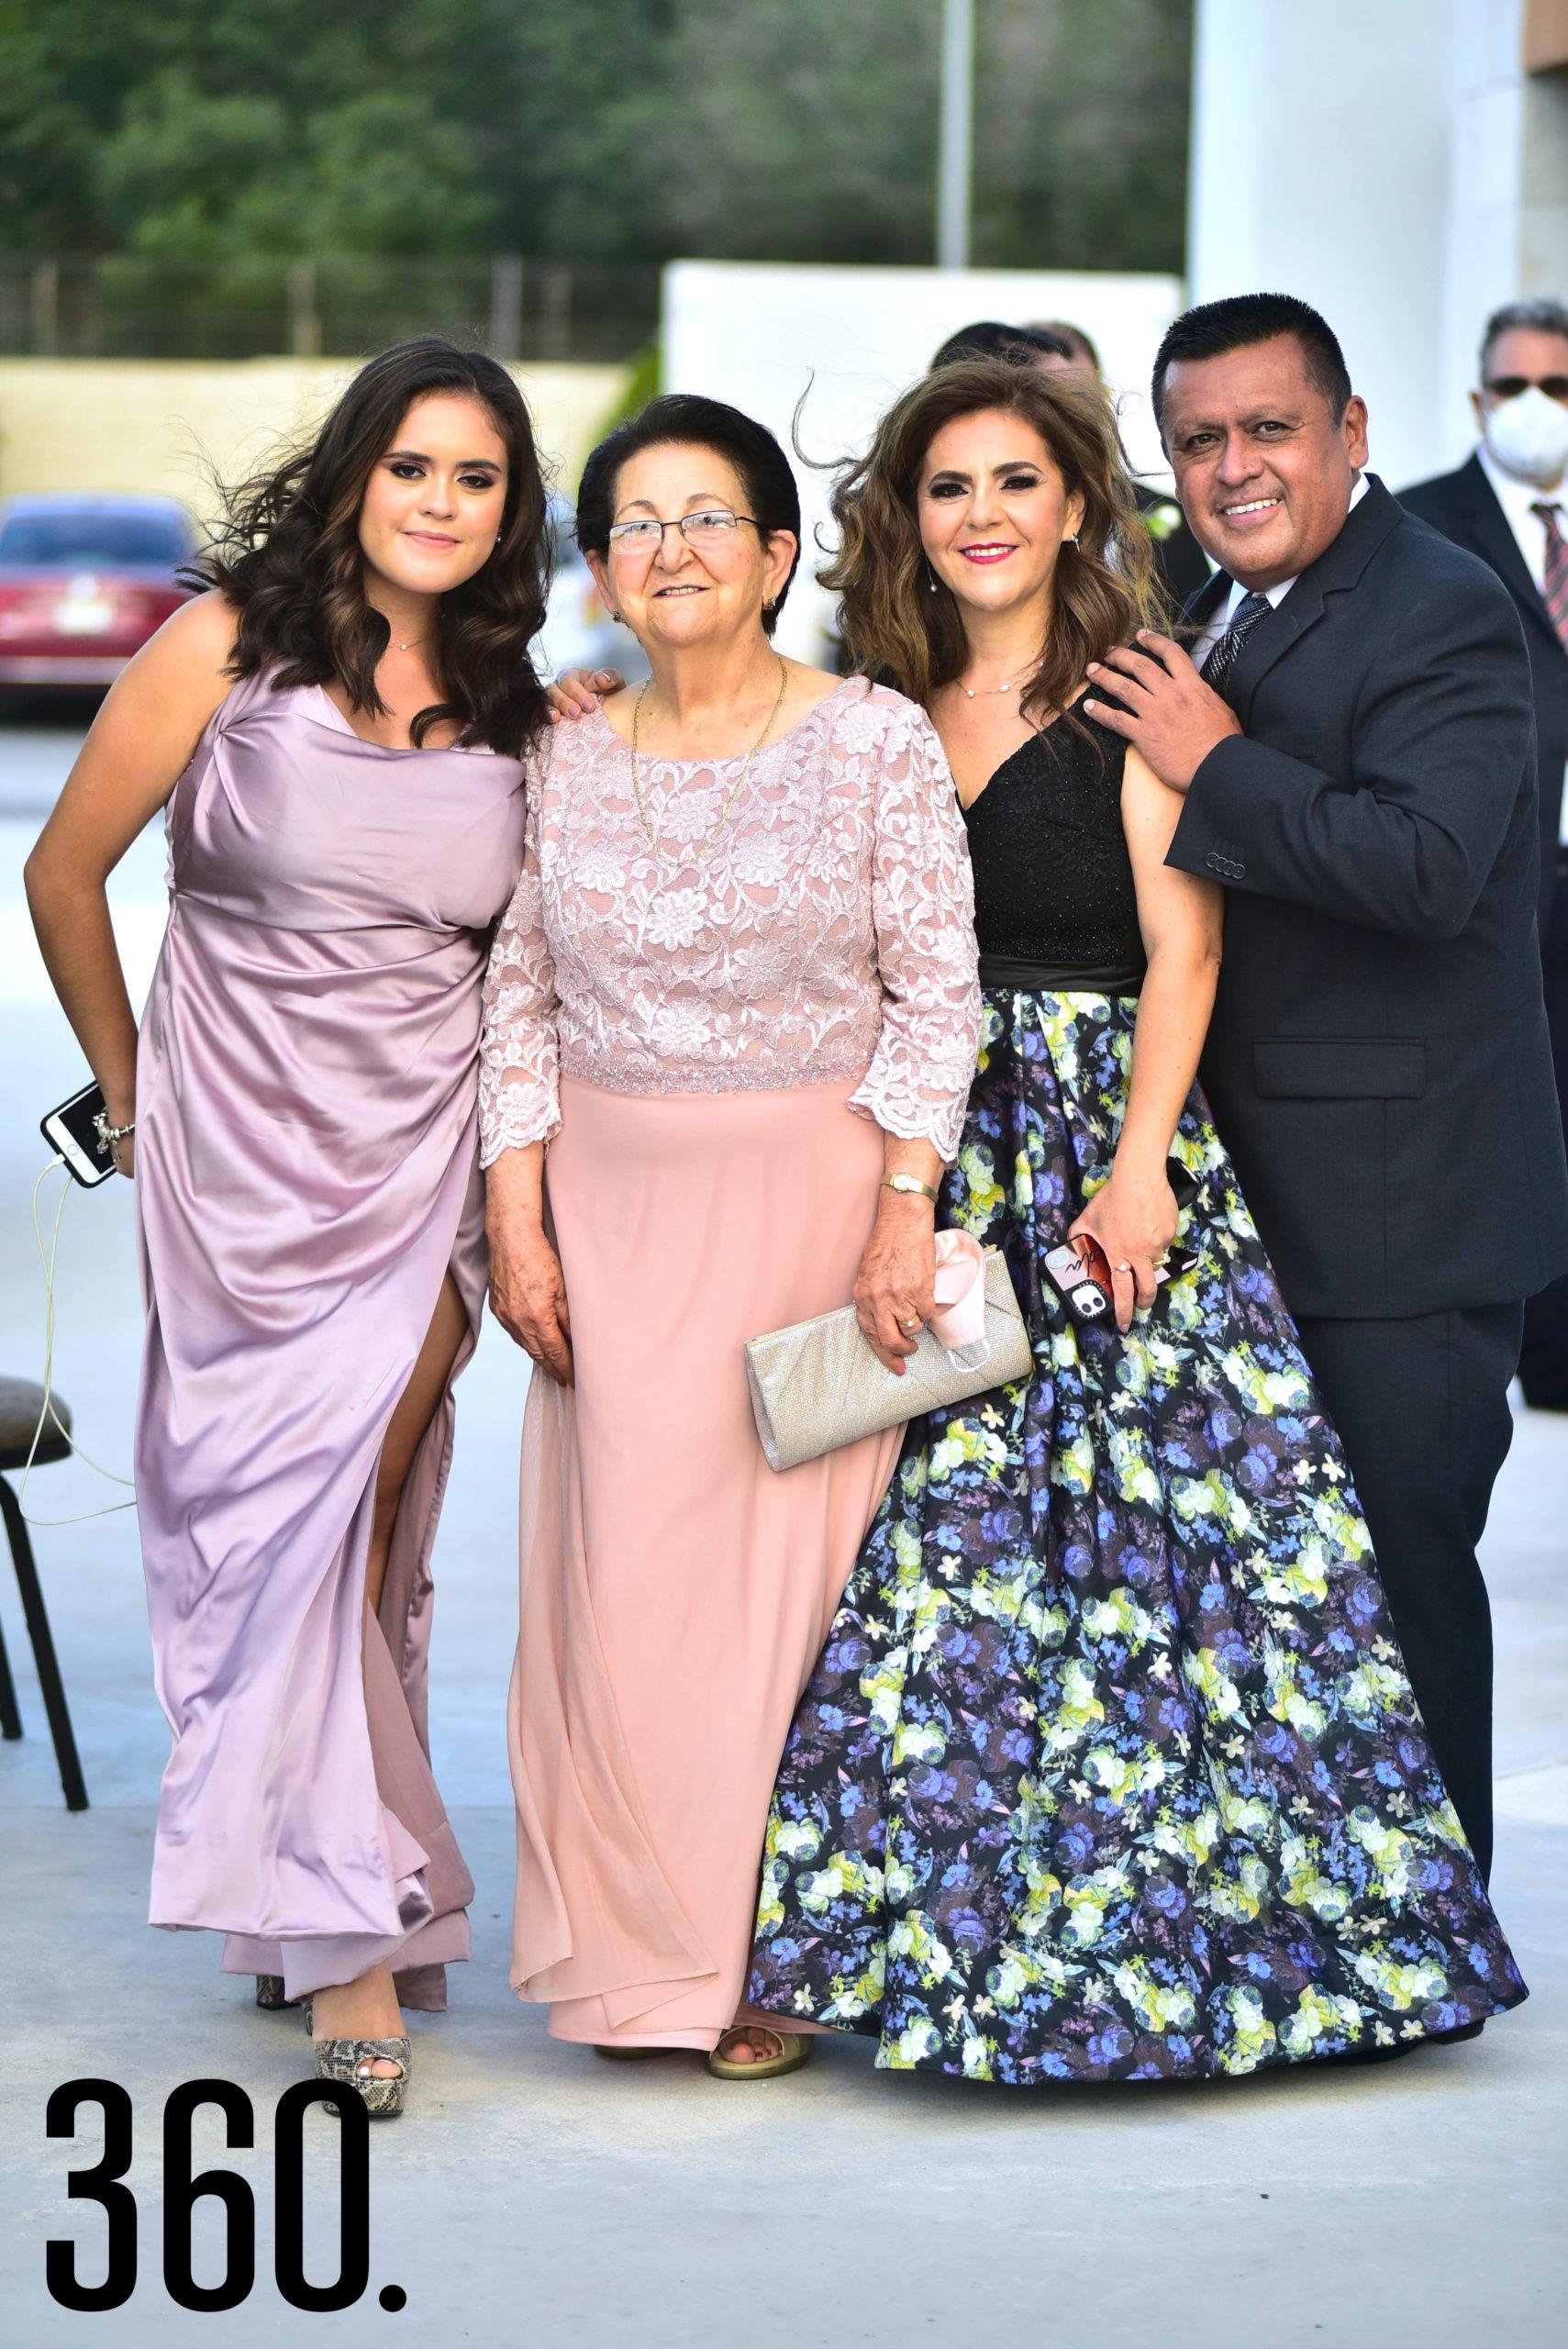 Amira Rodríguez, María Luisa Abugarade, Yolanda Ramos y Alejandro Rodríguez.